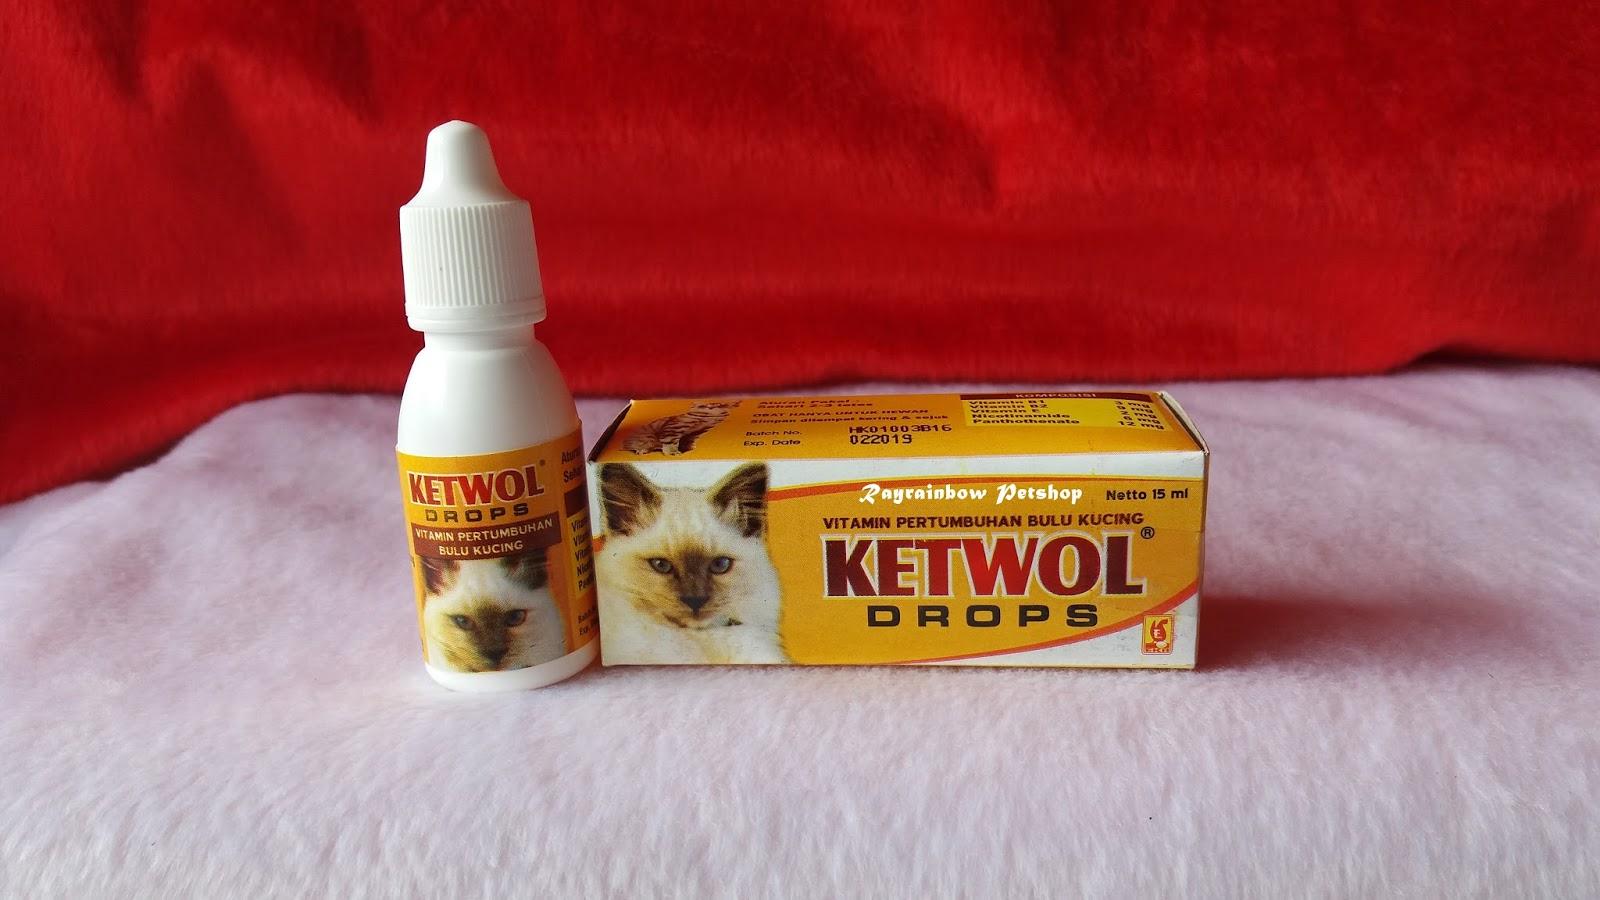 Ketwol Drops Obat Penumbuh Bulu Kucing